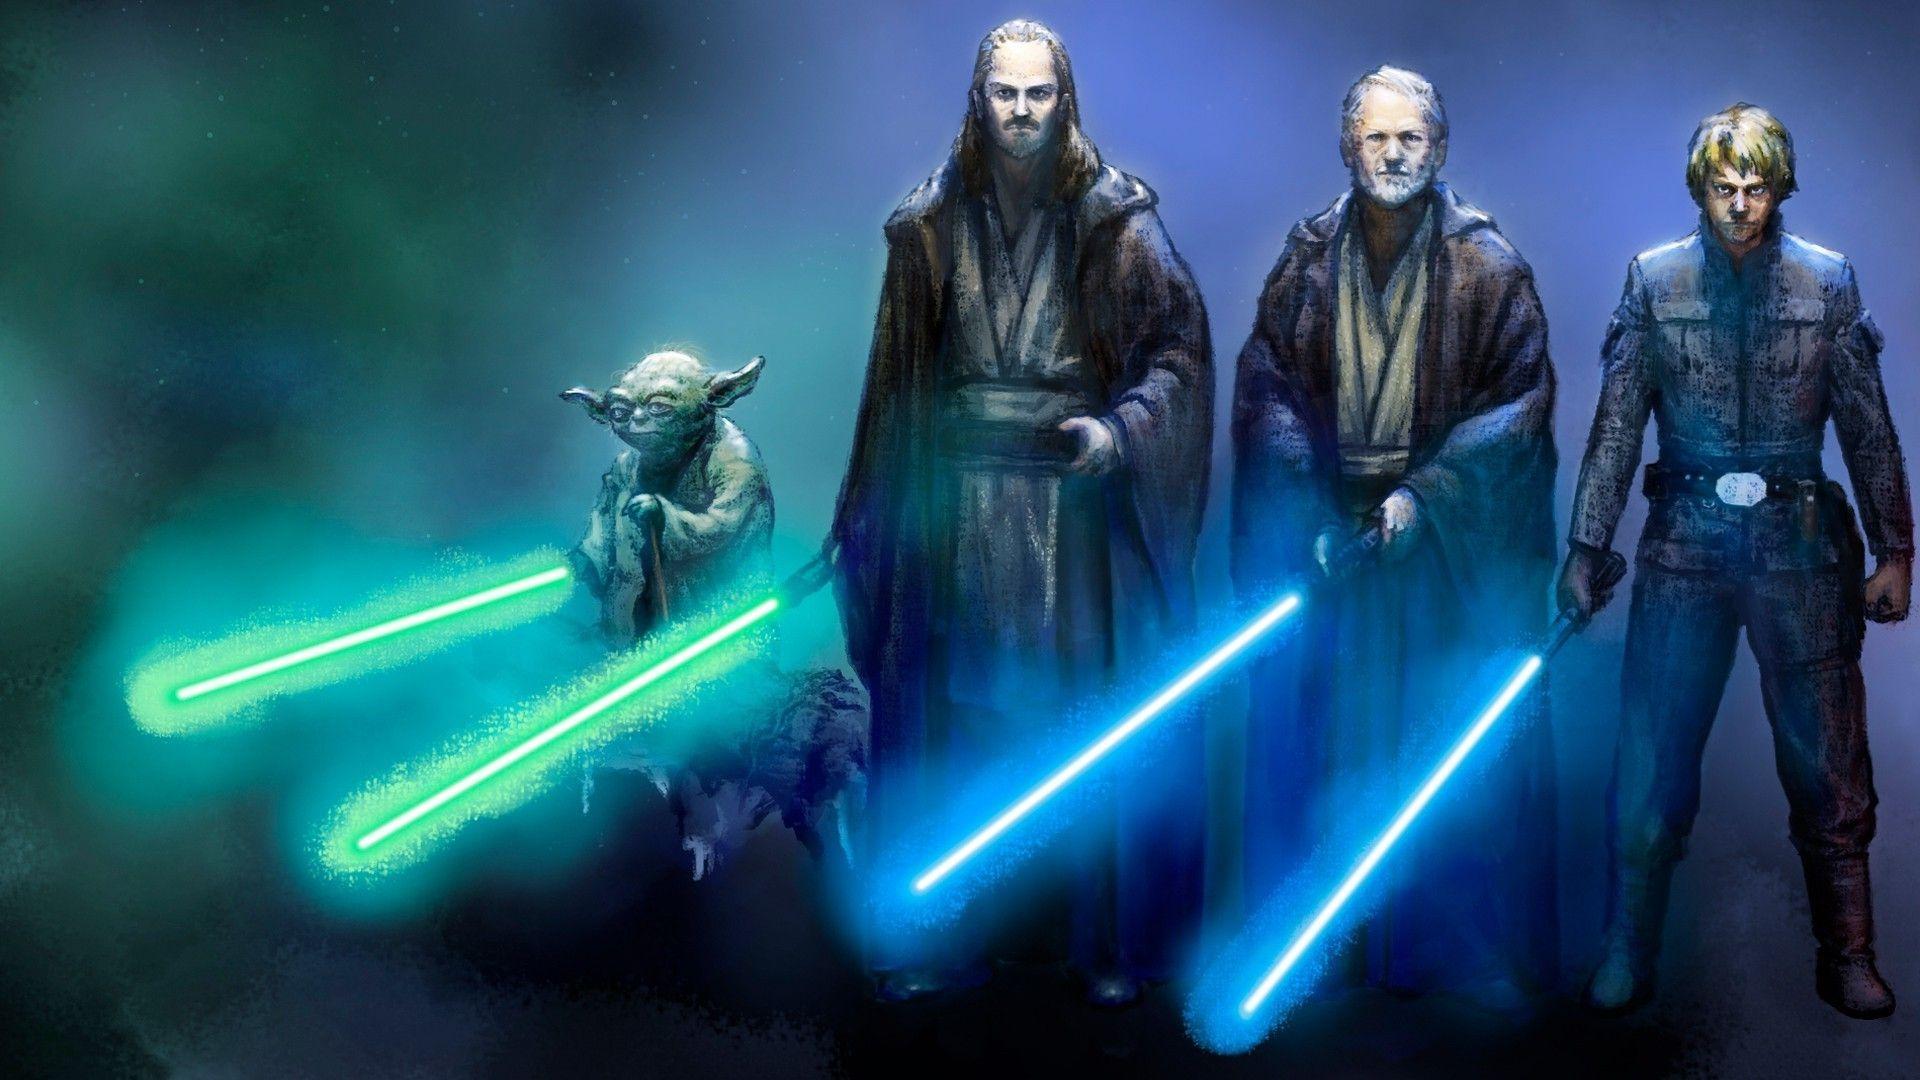 Star Wars Jedi Wallpaper Star Wars Characters Star Wars Star Wars Luke